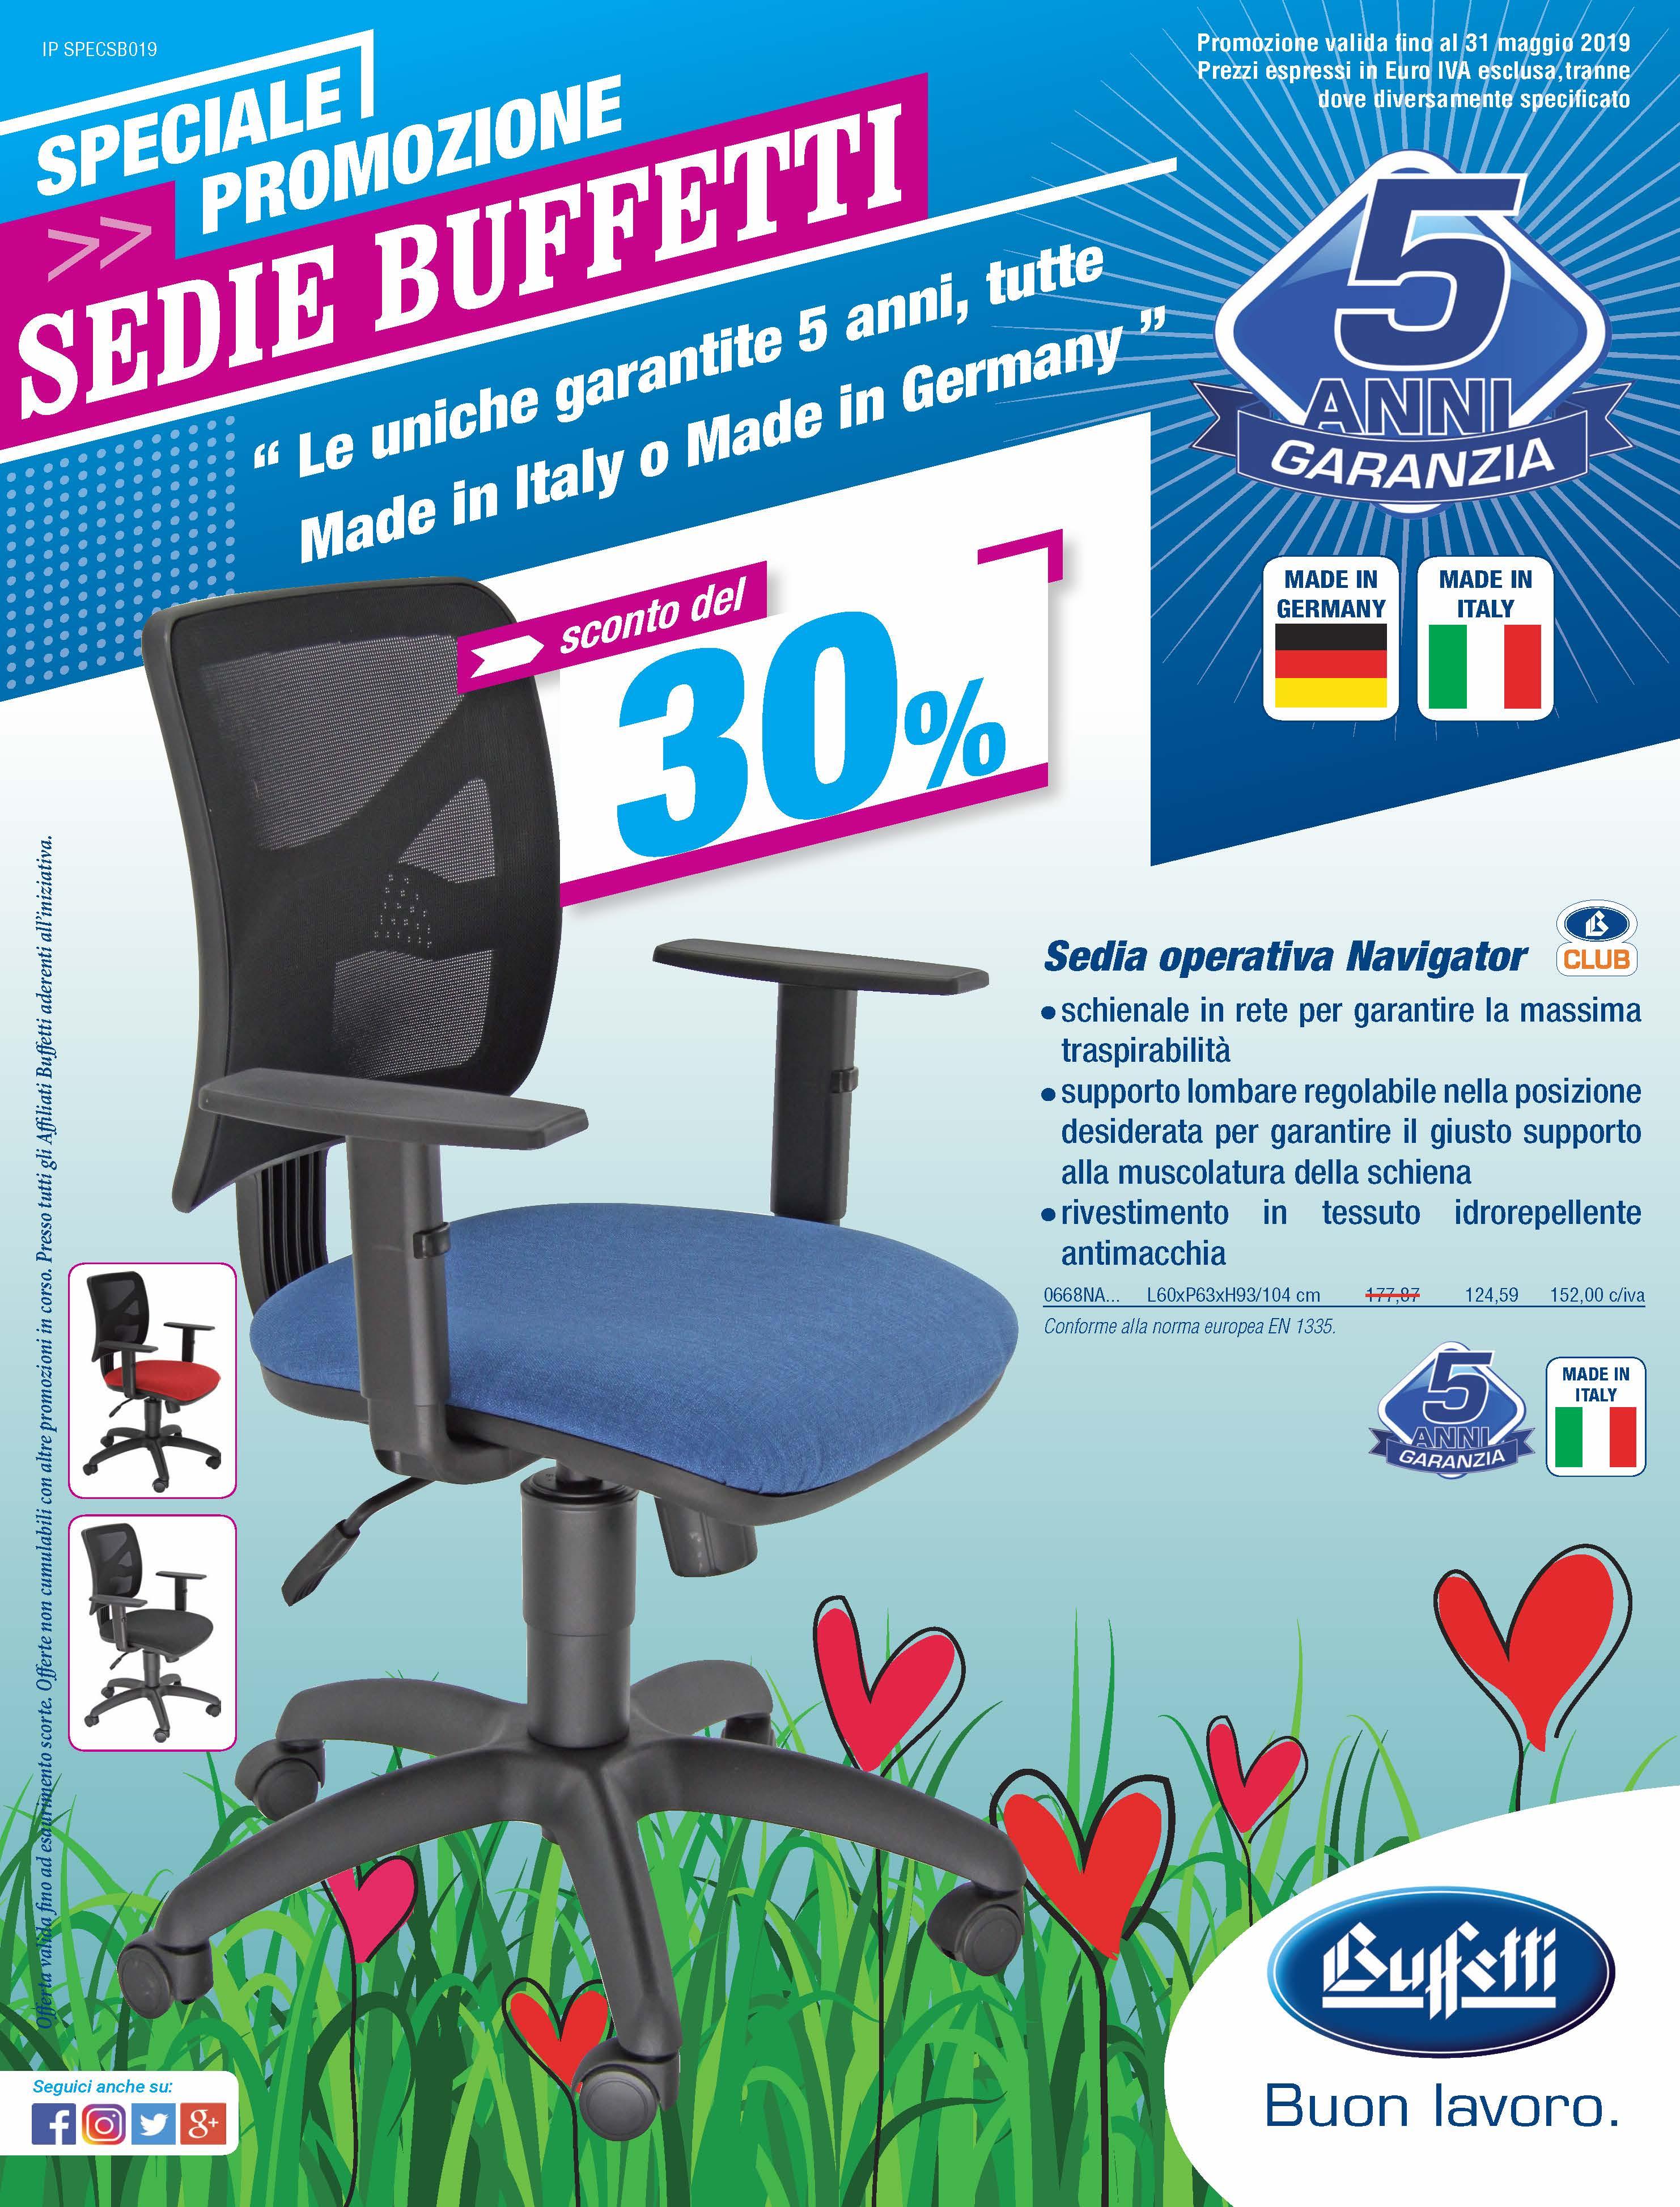 Speciale_promo_sedie_buffetti_Pagina_1